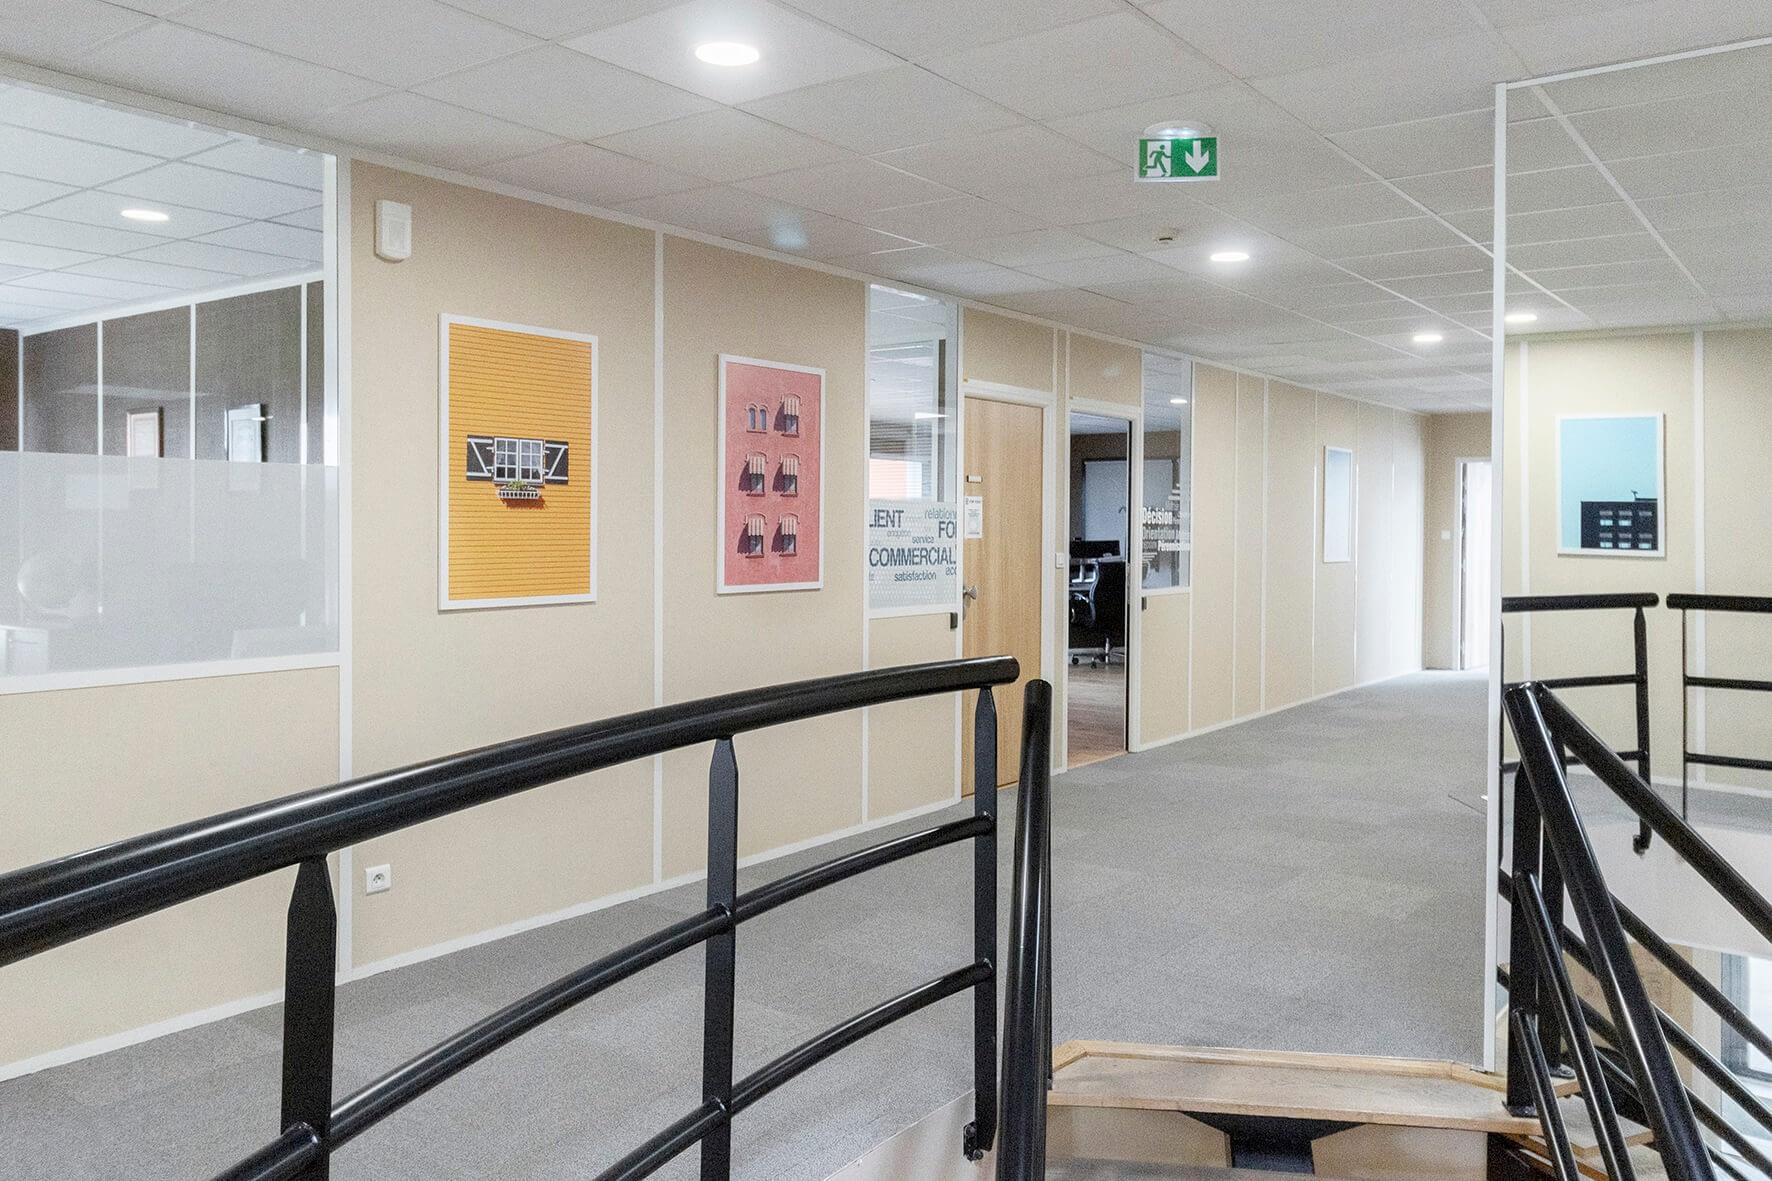 Vente et installation de photographies d'art Pixopolitan pour Emalec.